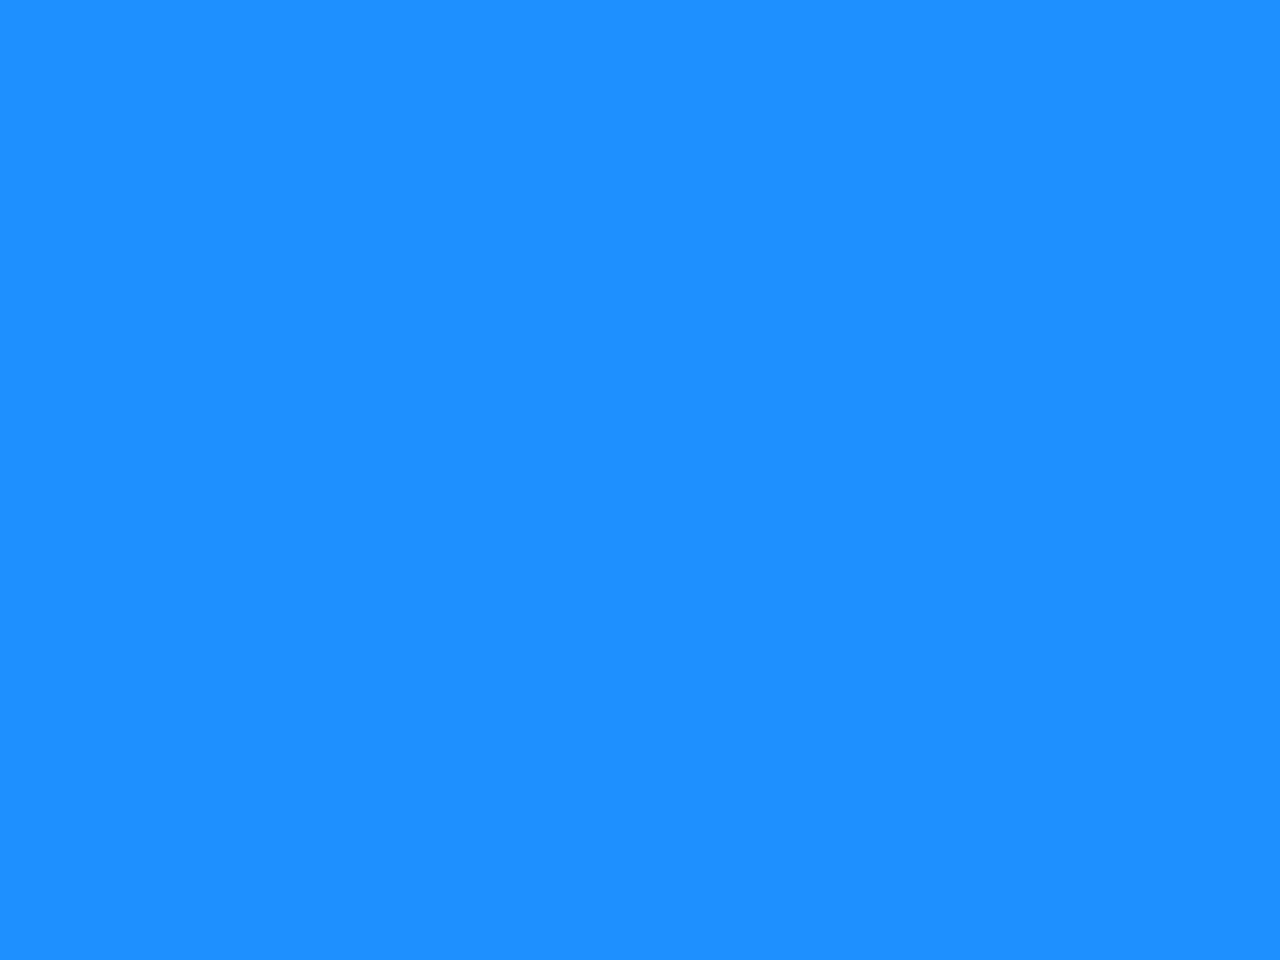 1280x960 Dodger Blue Solid Color Background